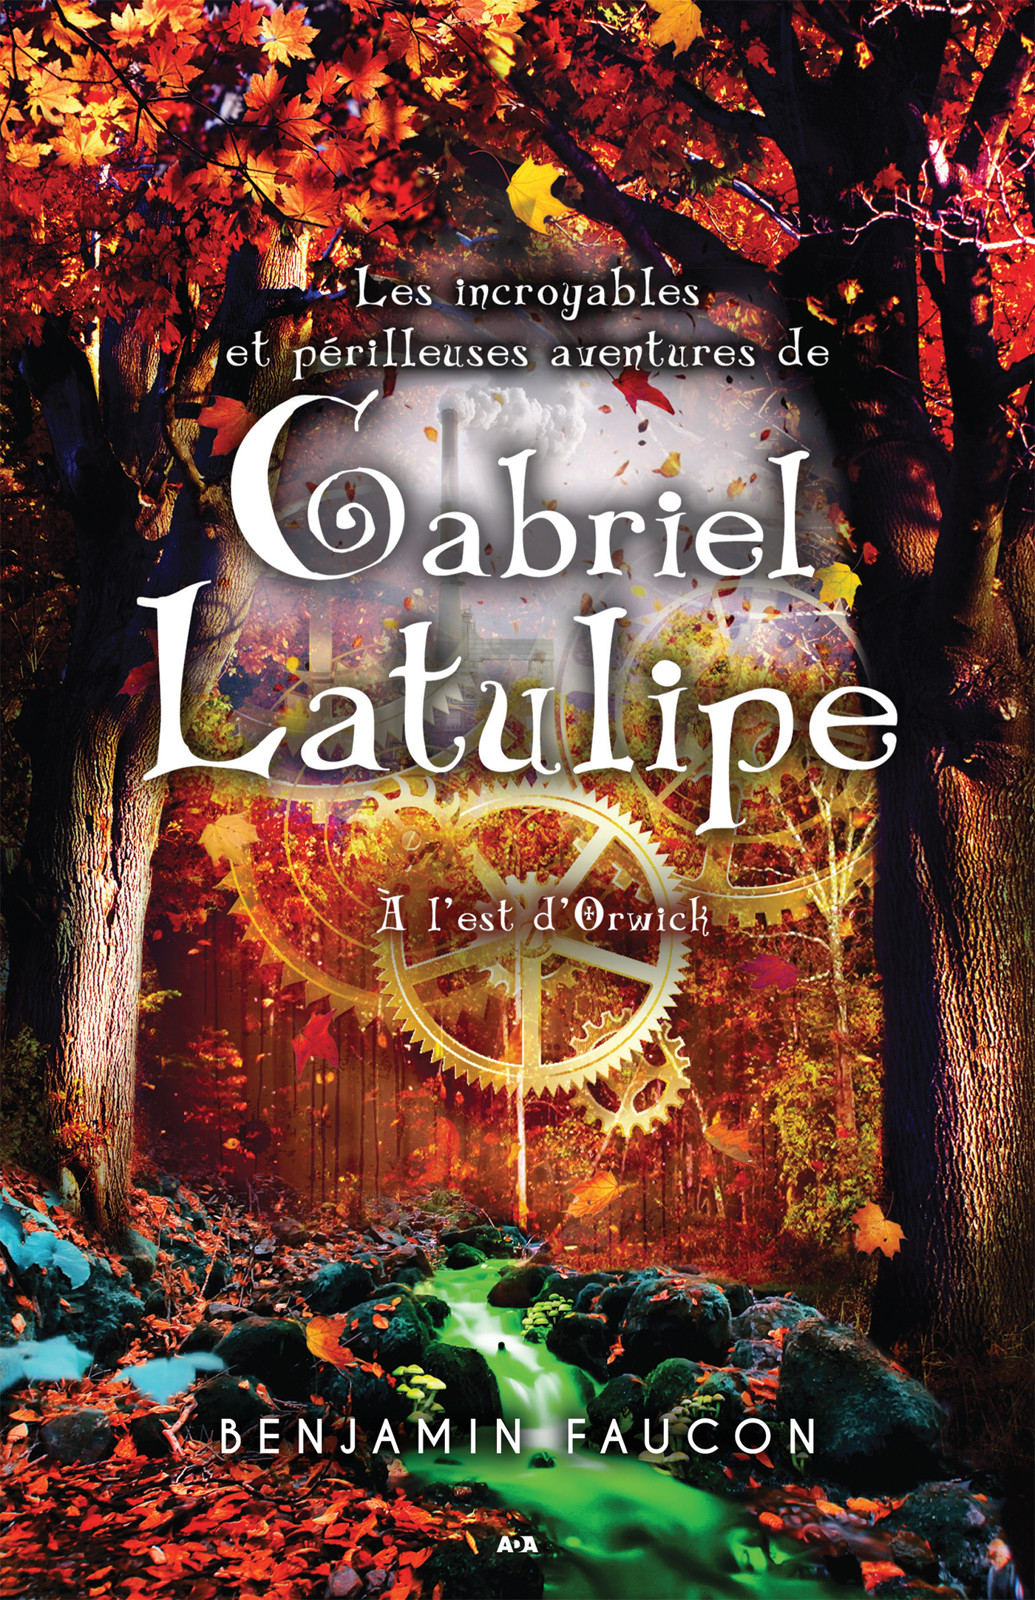 Les incroyables et périlleuses aventures de Gabriel Latulipe